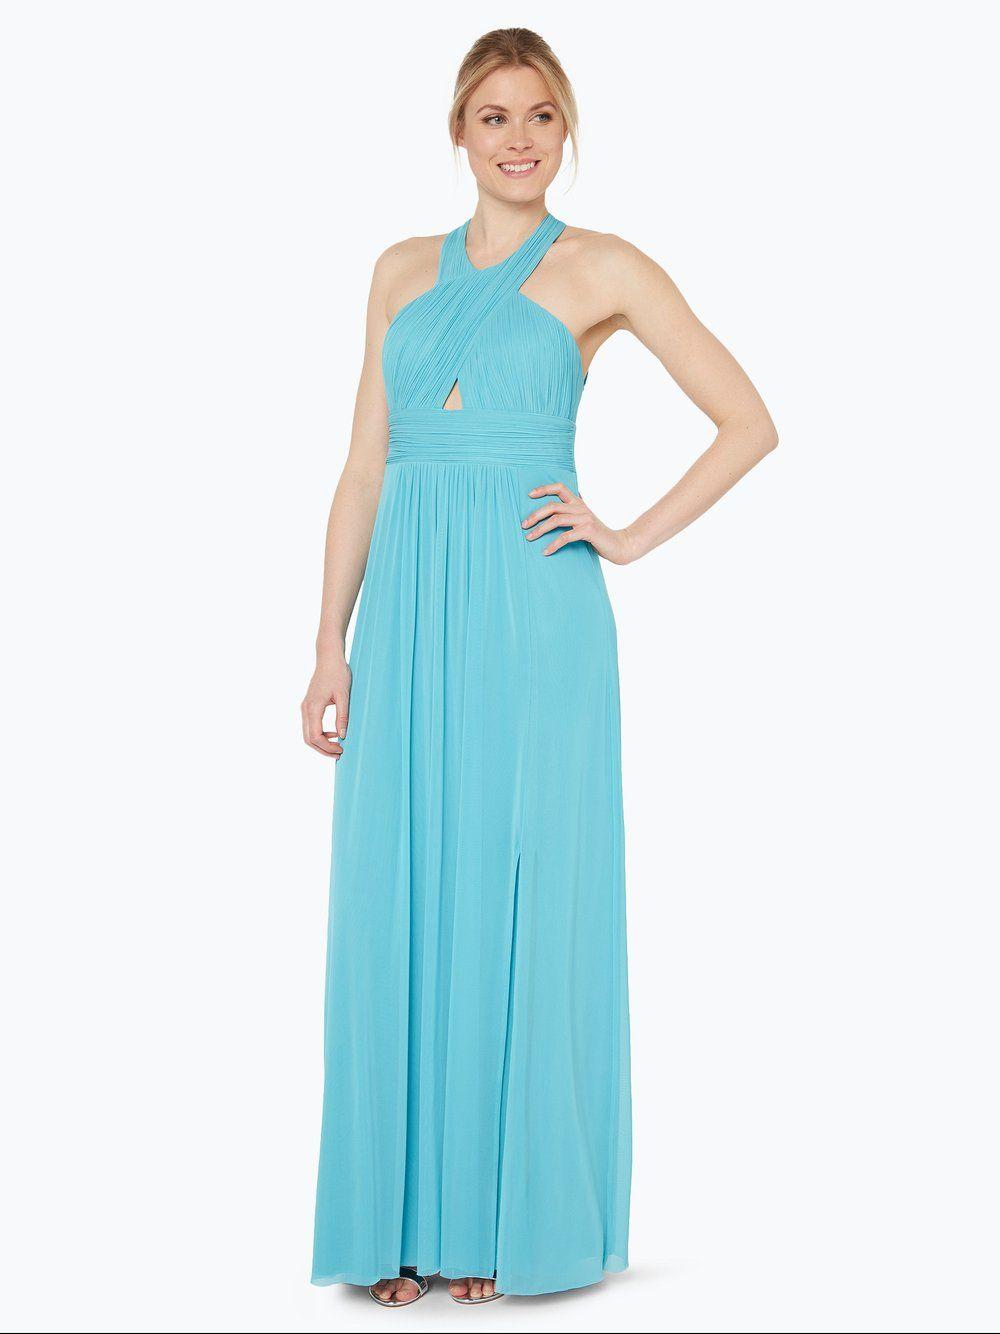 VM Abendkleid blau  Abendkleid, Kleider und Damen